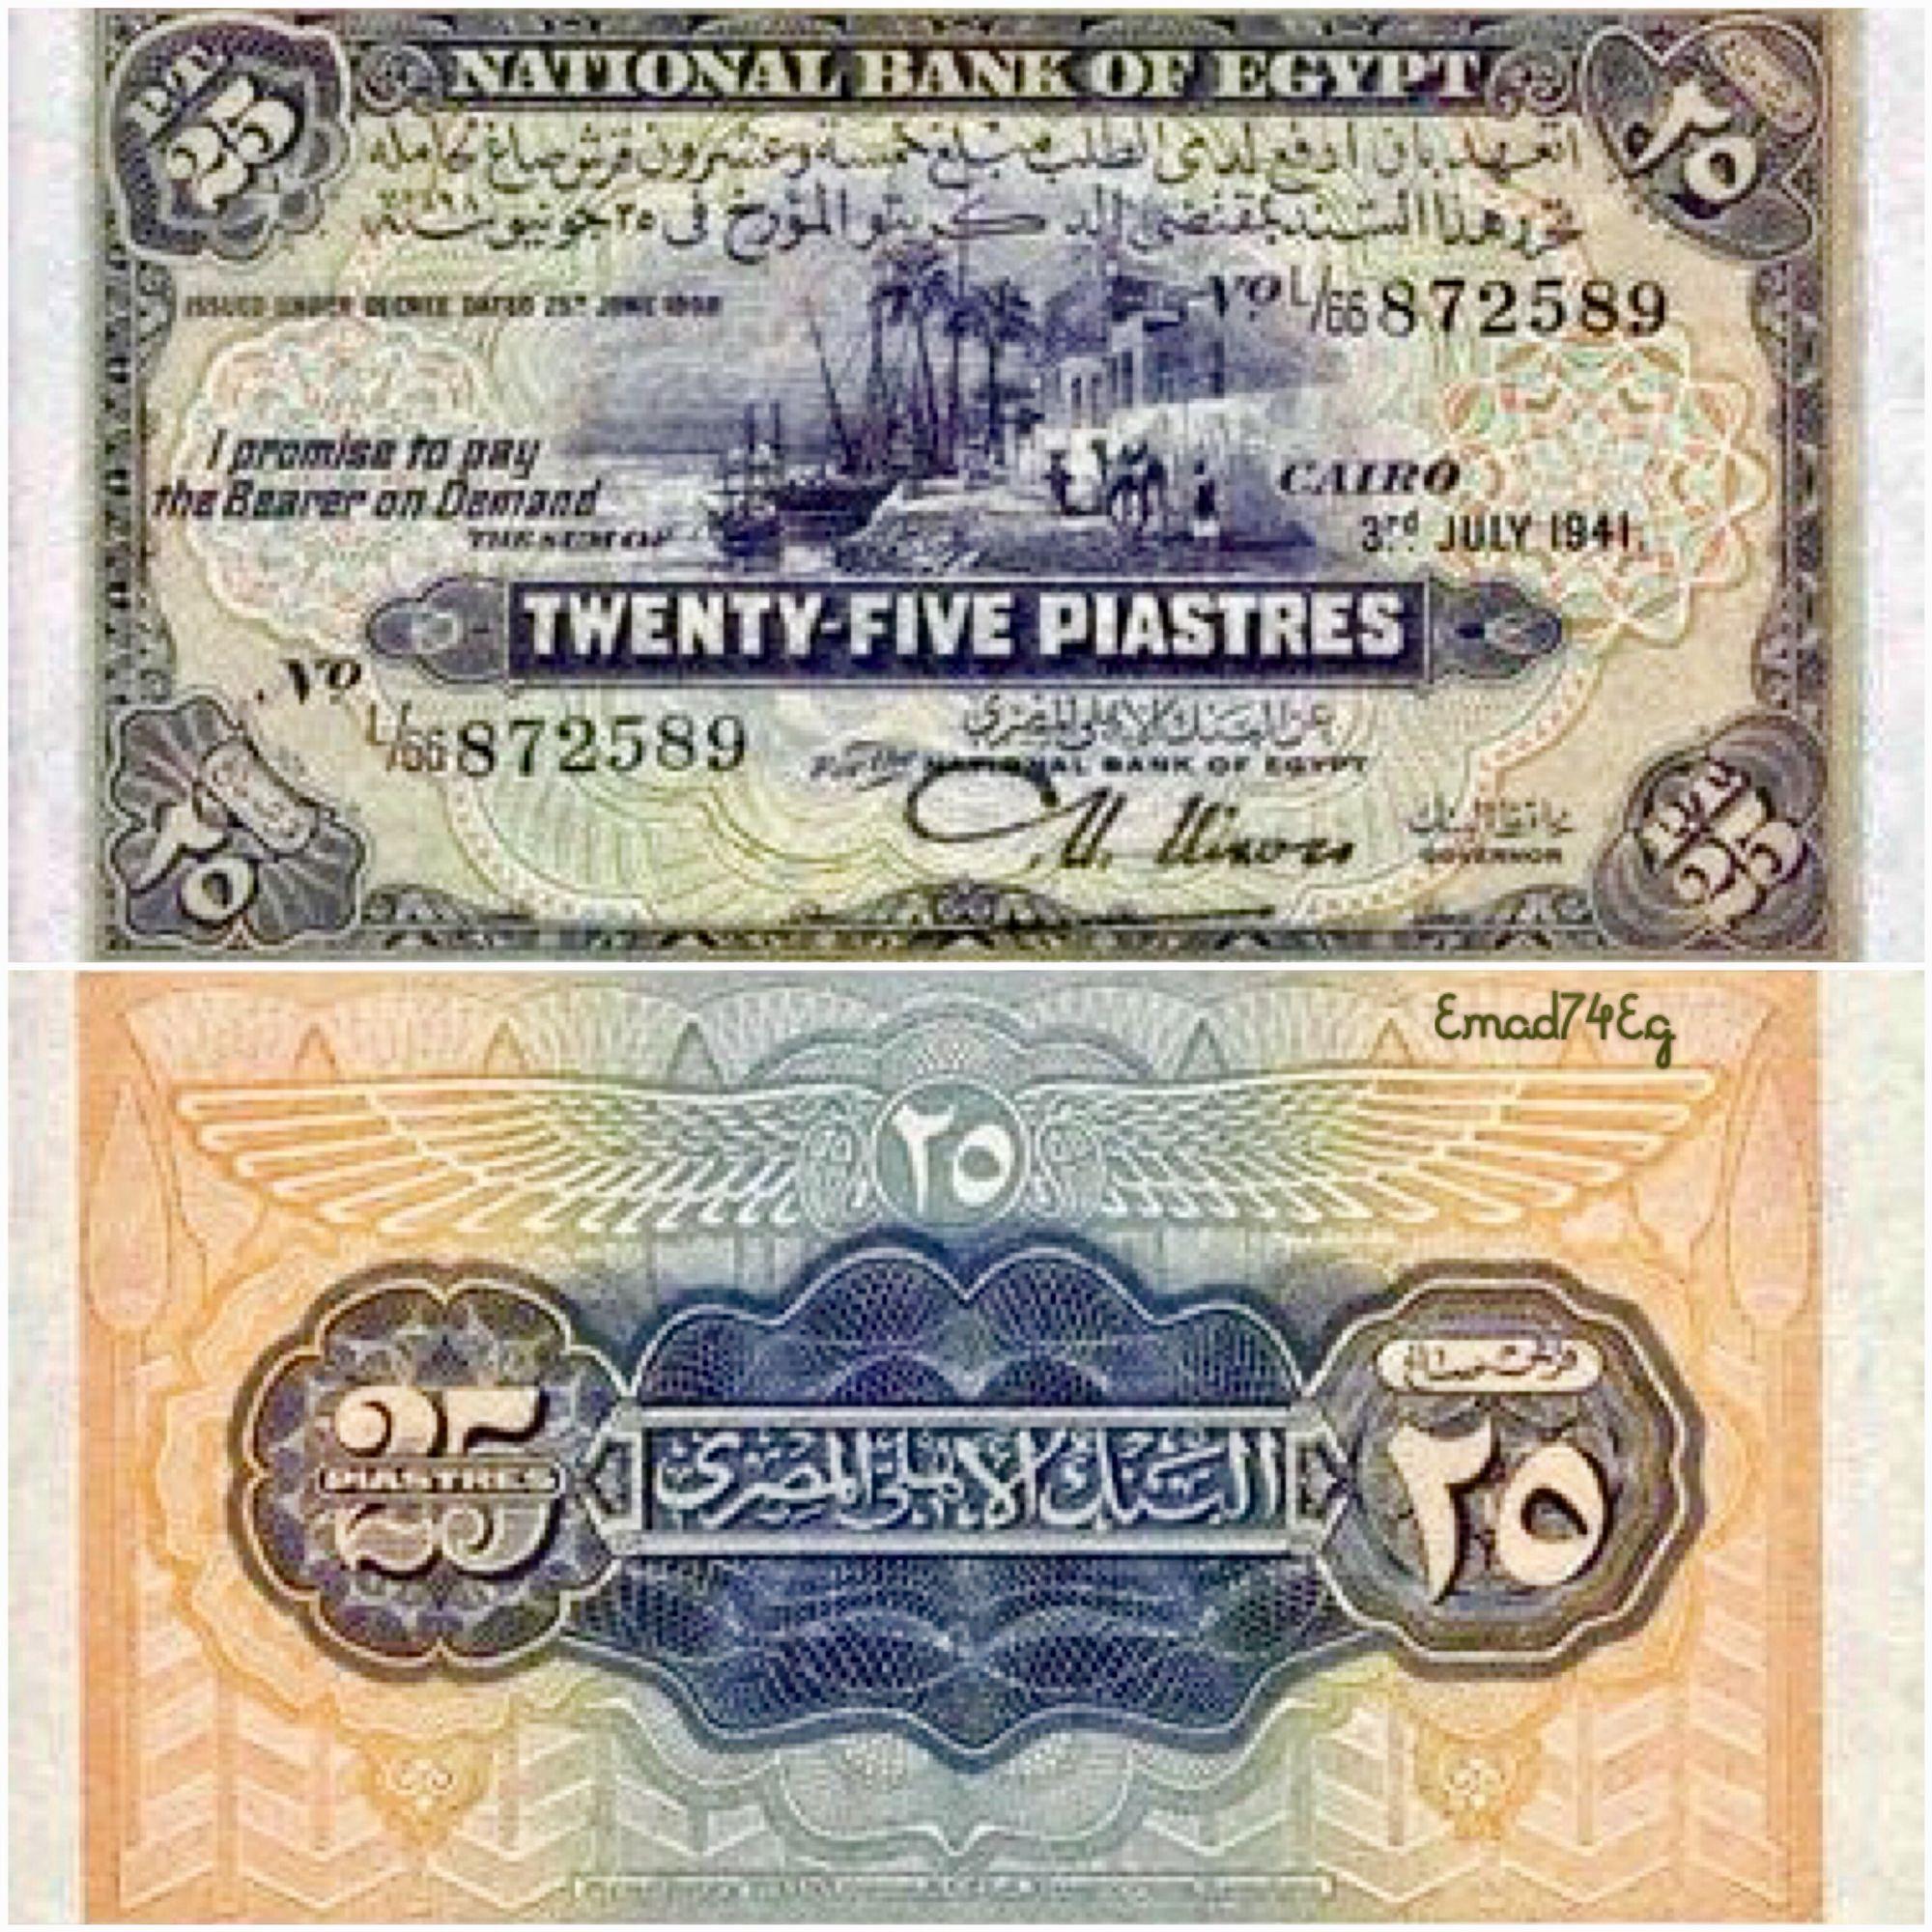 خمسة وعشرون قرش مصرية Egyptian Banknote Bank Notes Egypt Currency Design